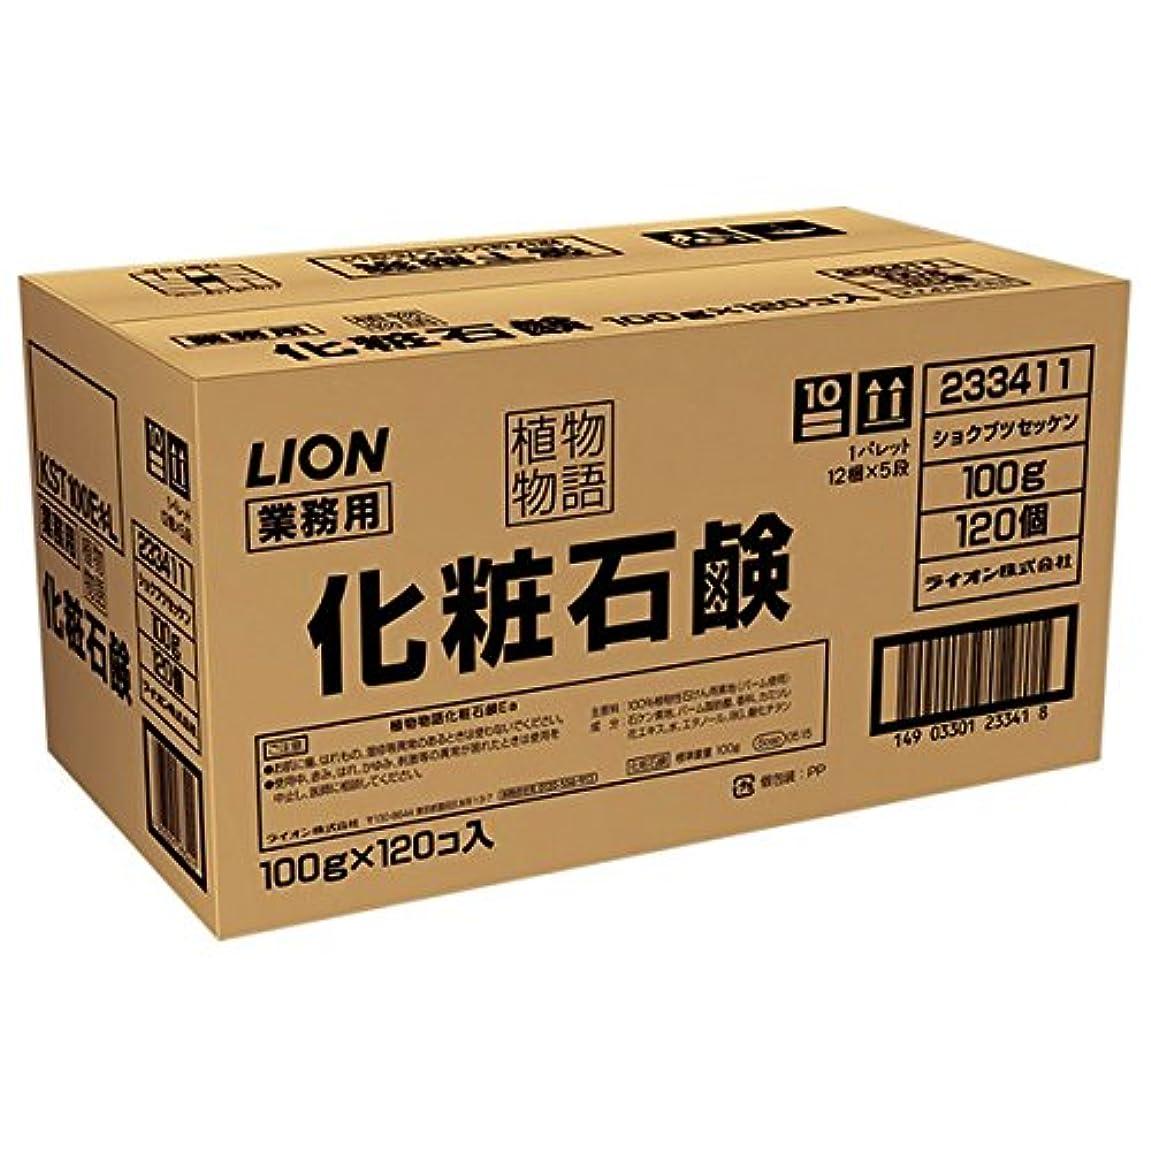 アトムモートかんがいライオン 植物物語 化粧石鹸 業務用 100g 1箱(120個)